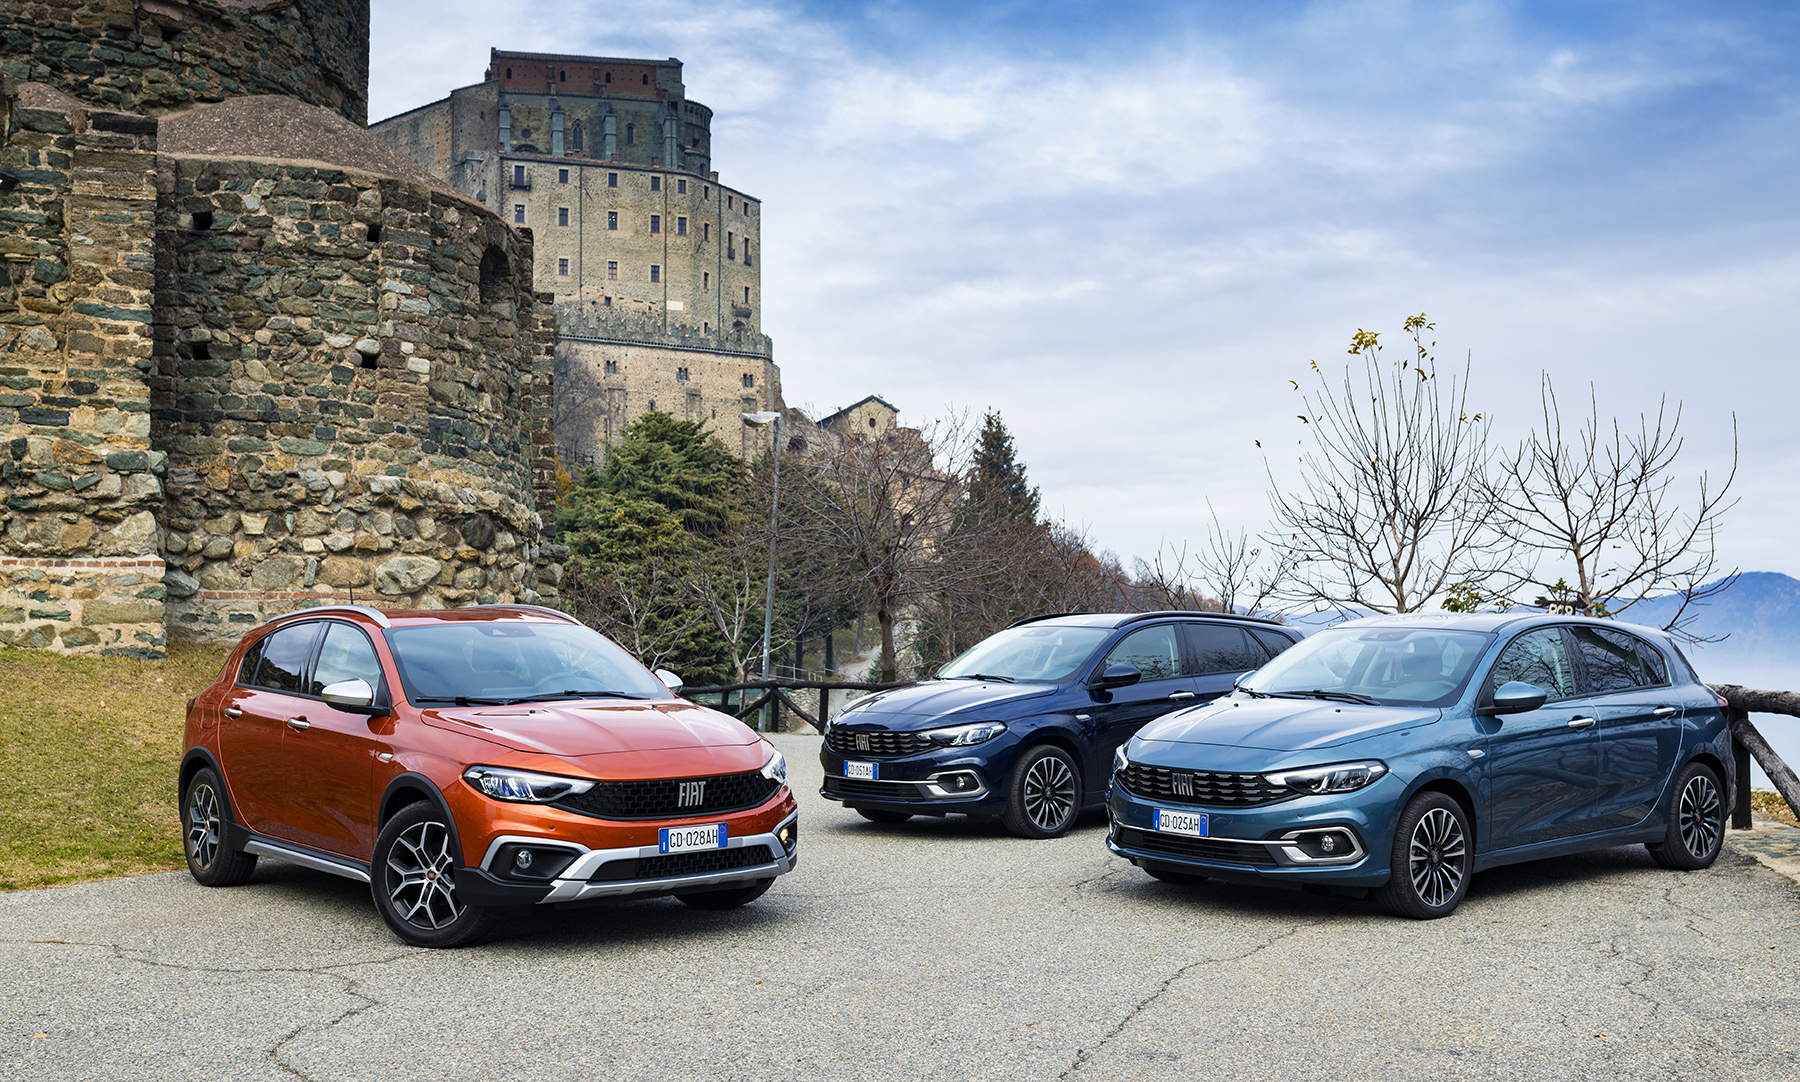 novi modeli, cene automobila